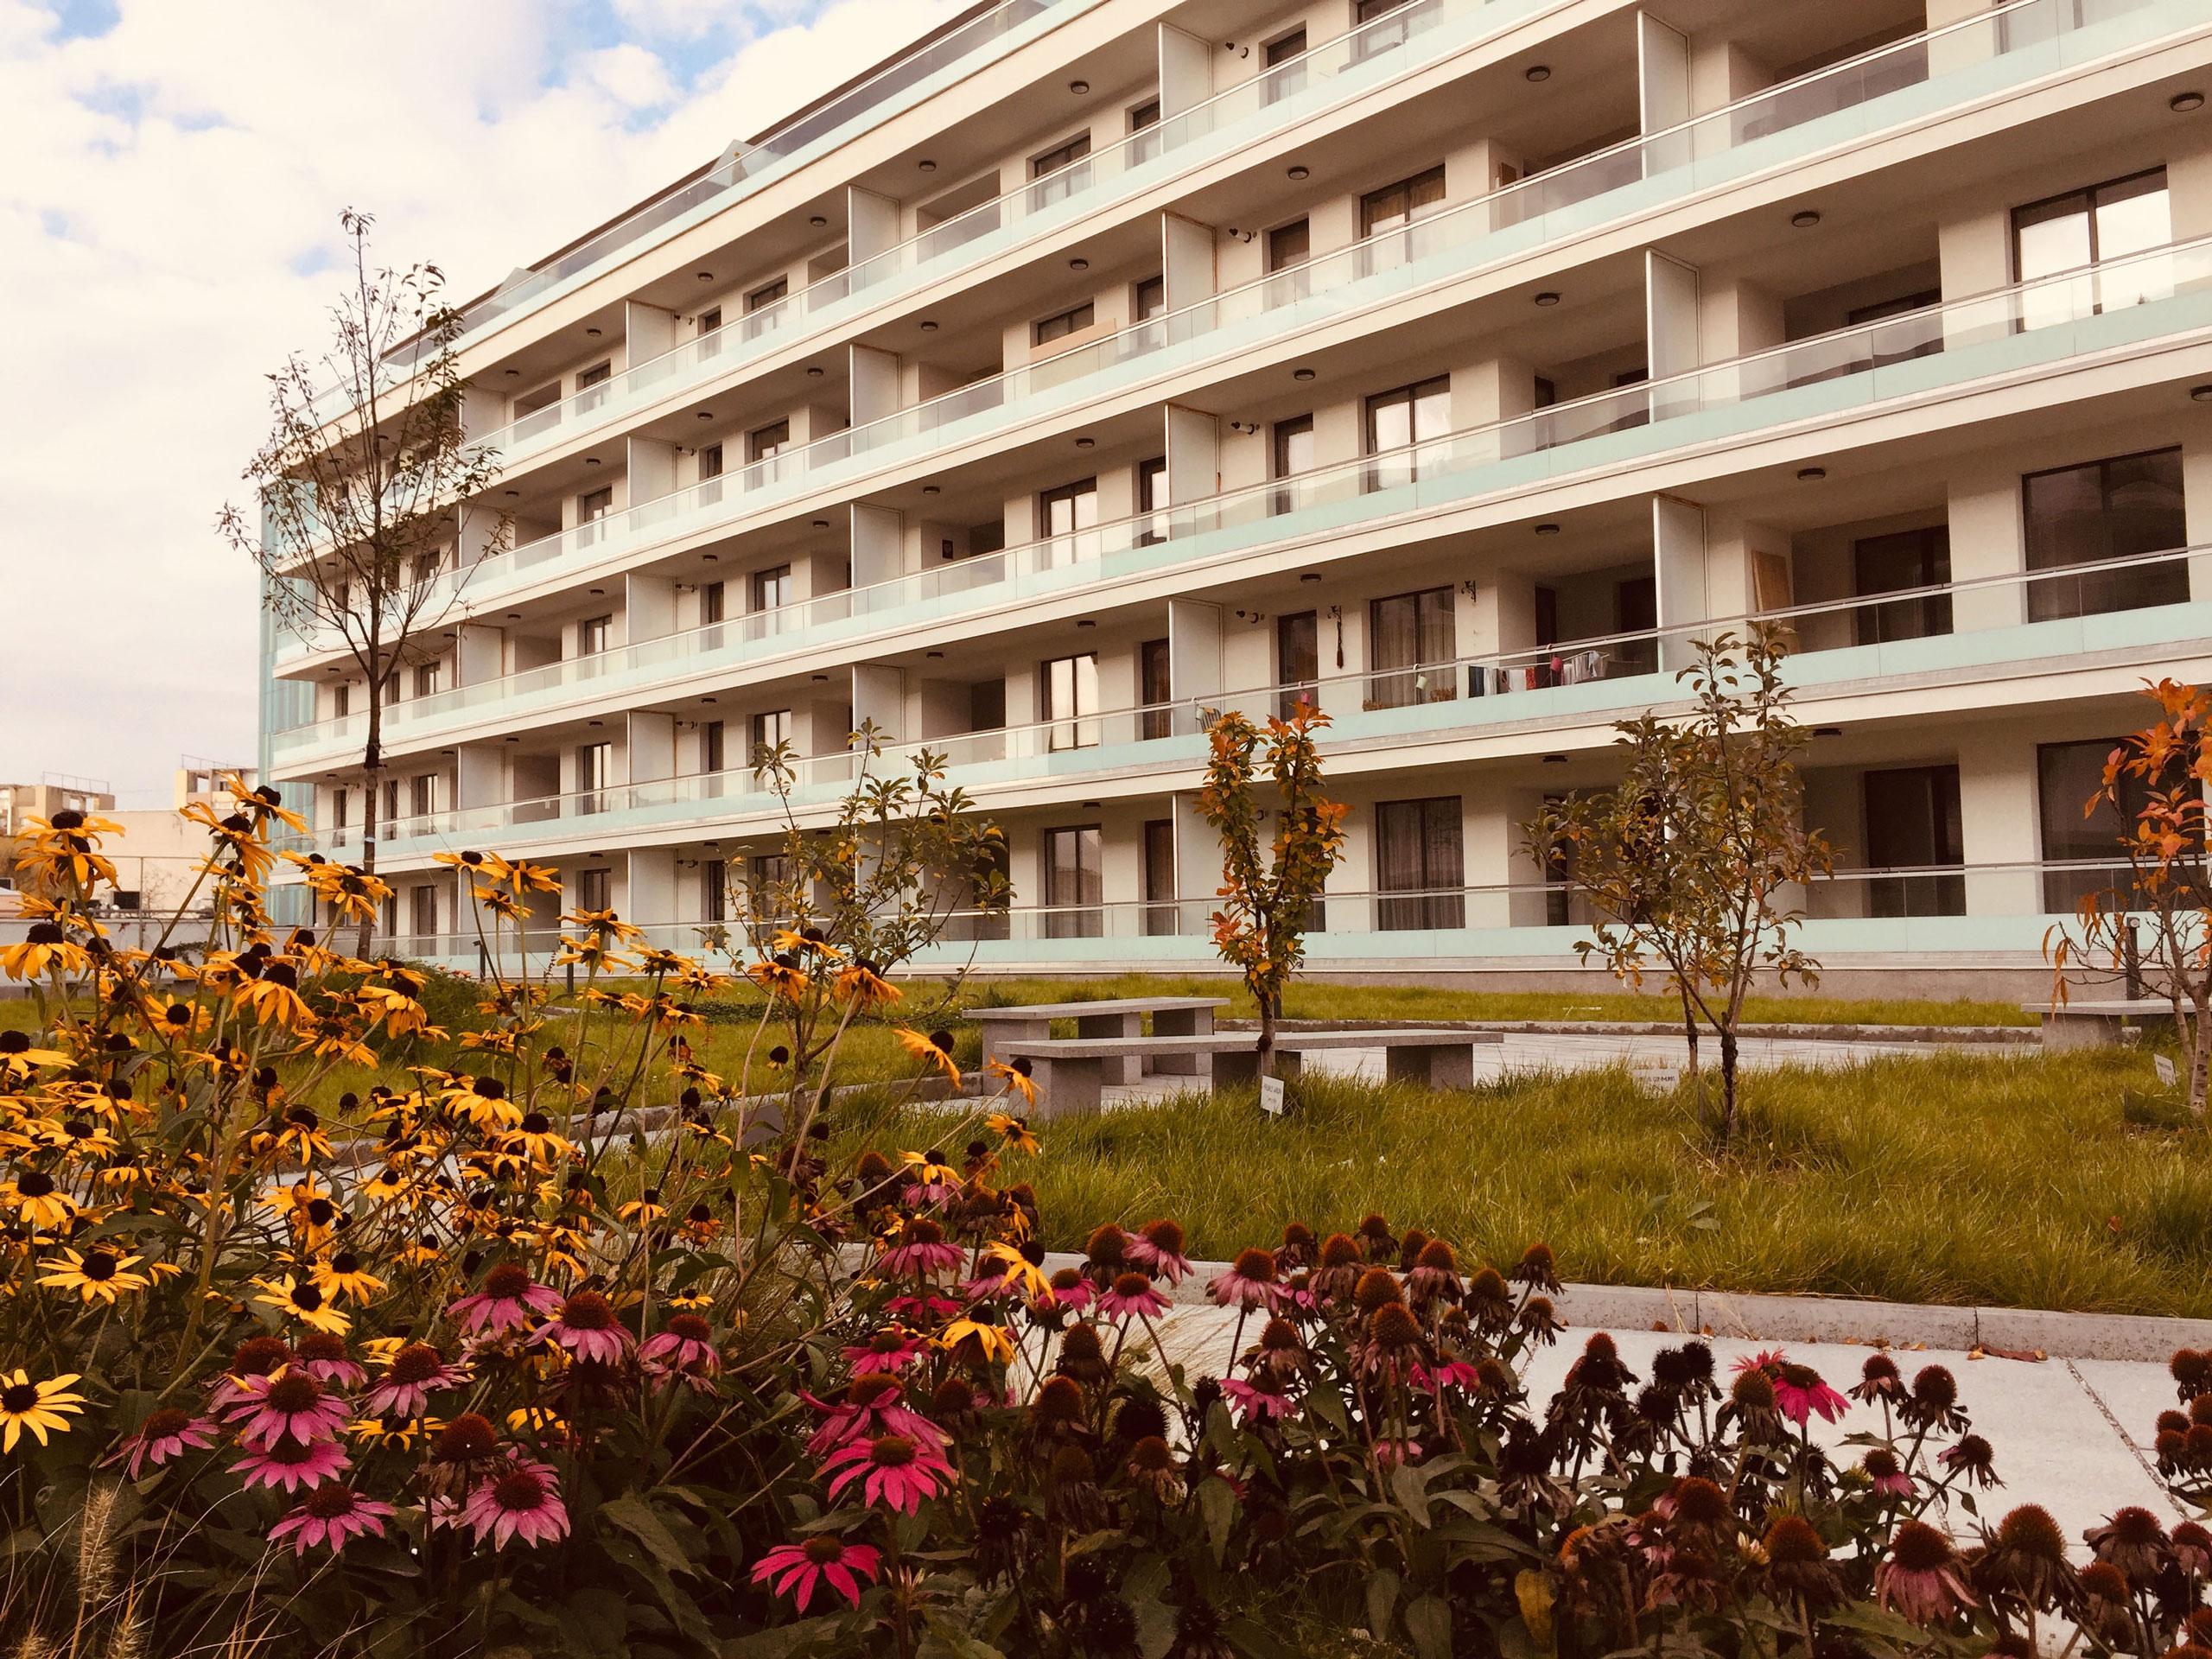 Dezvoltatorul imobiliar Agromec Unu a investit 24,5 mil. euro într-un ansamblu rezidențial cu 234 de apartamente și spații comerciale în Cluj-Napoca